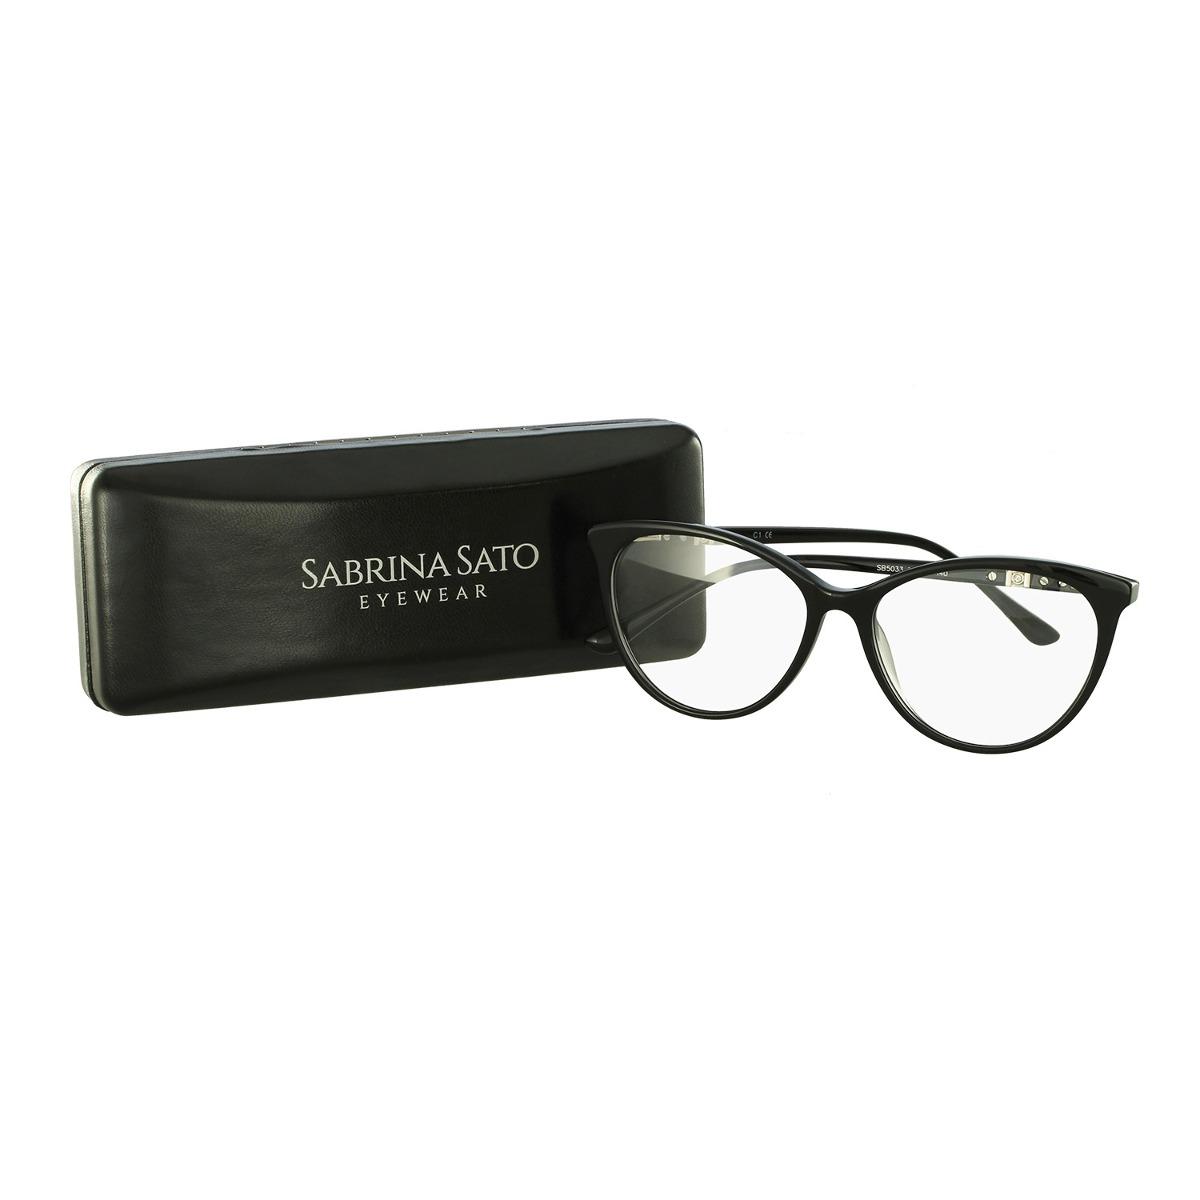 Óculos De Grau Sabrina Sato Gatinho Preto - R  350,00 em Mercado Livre b920f2d95f